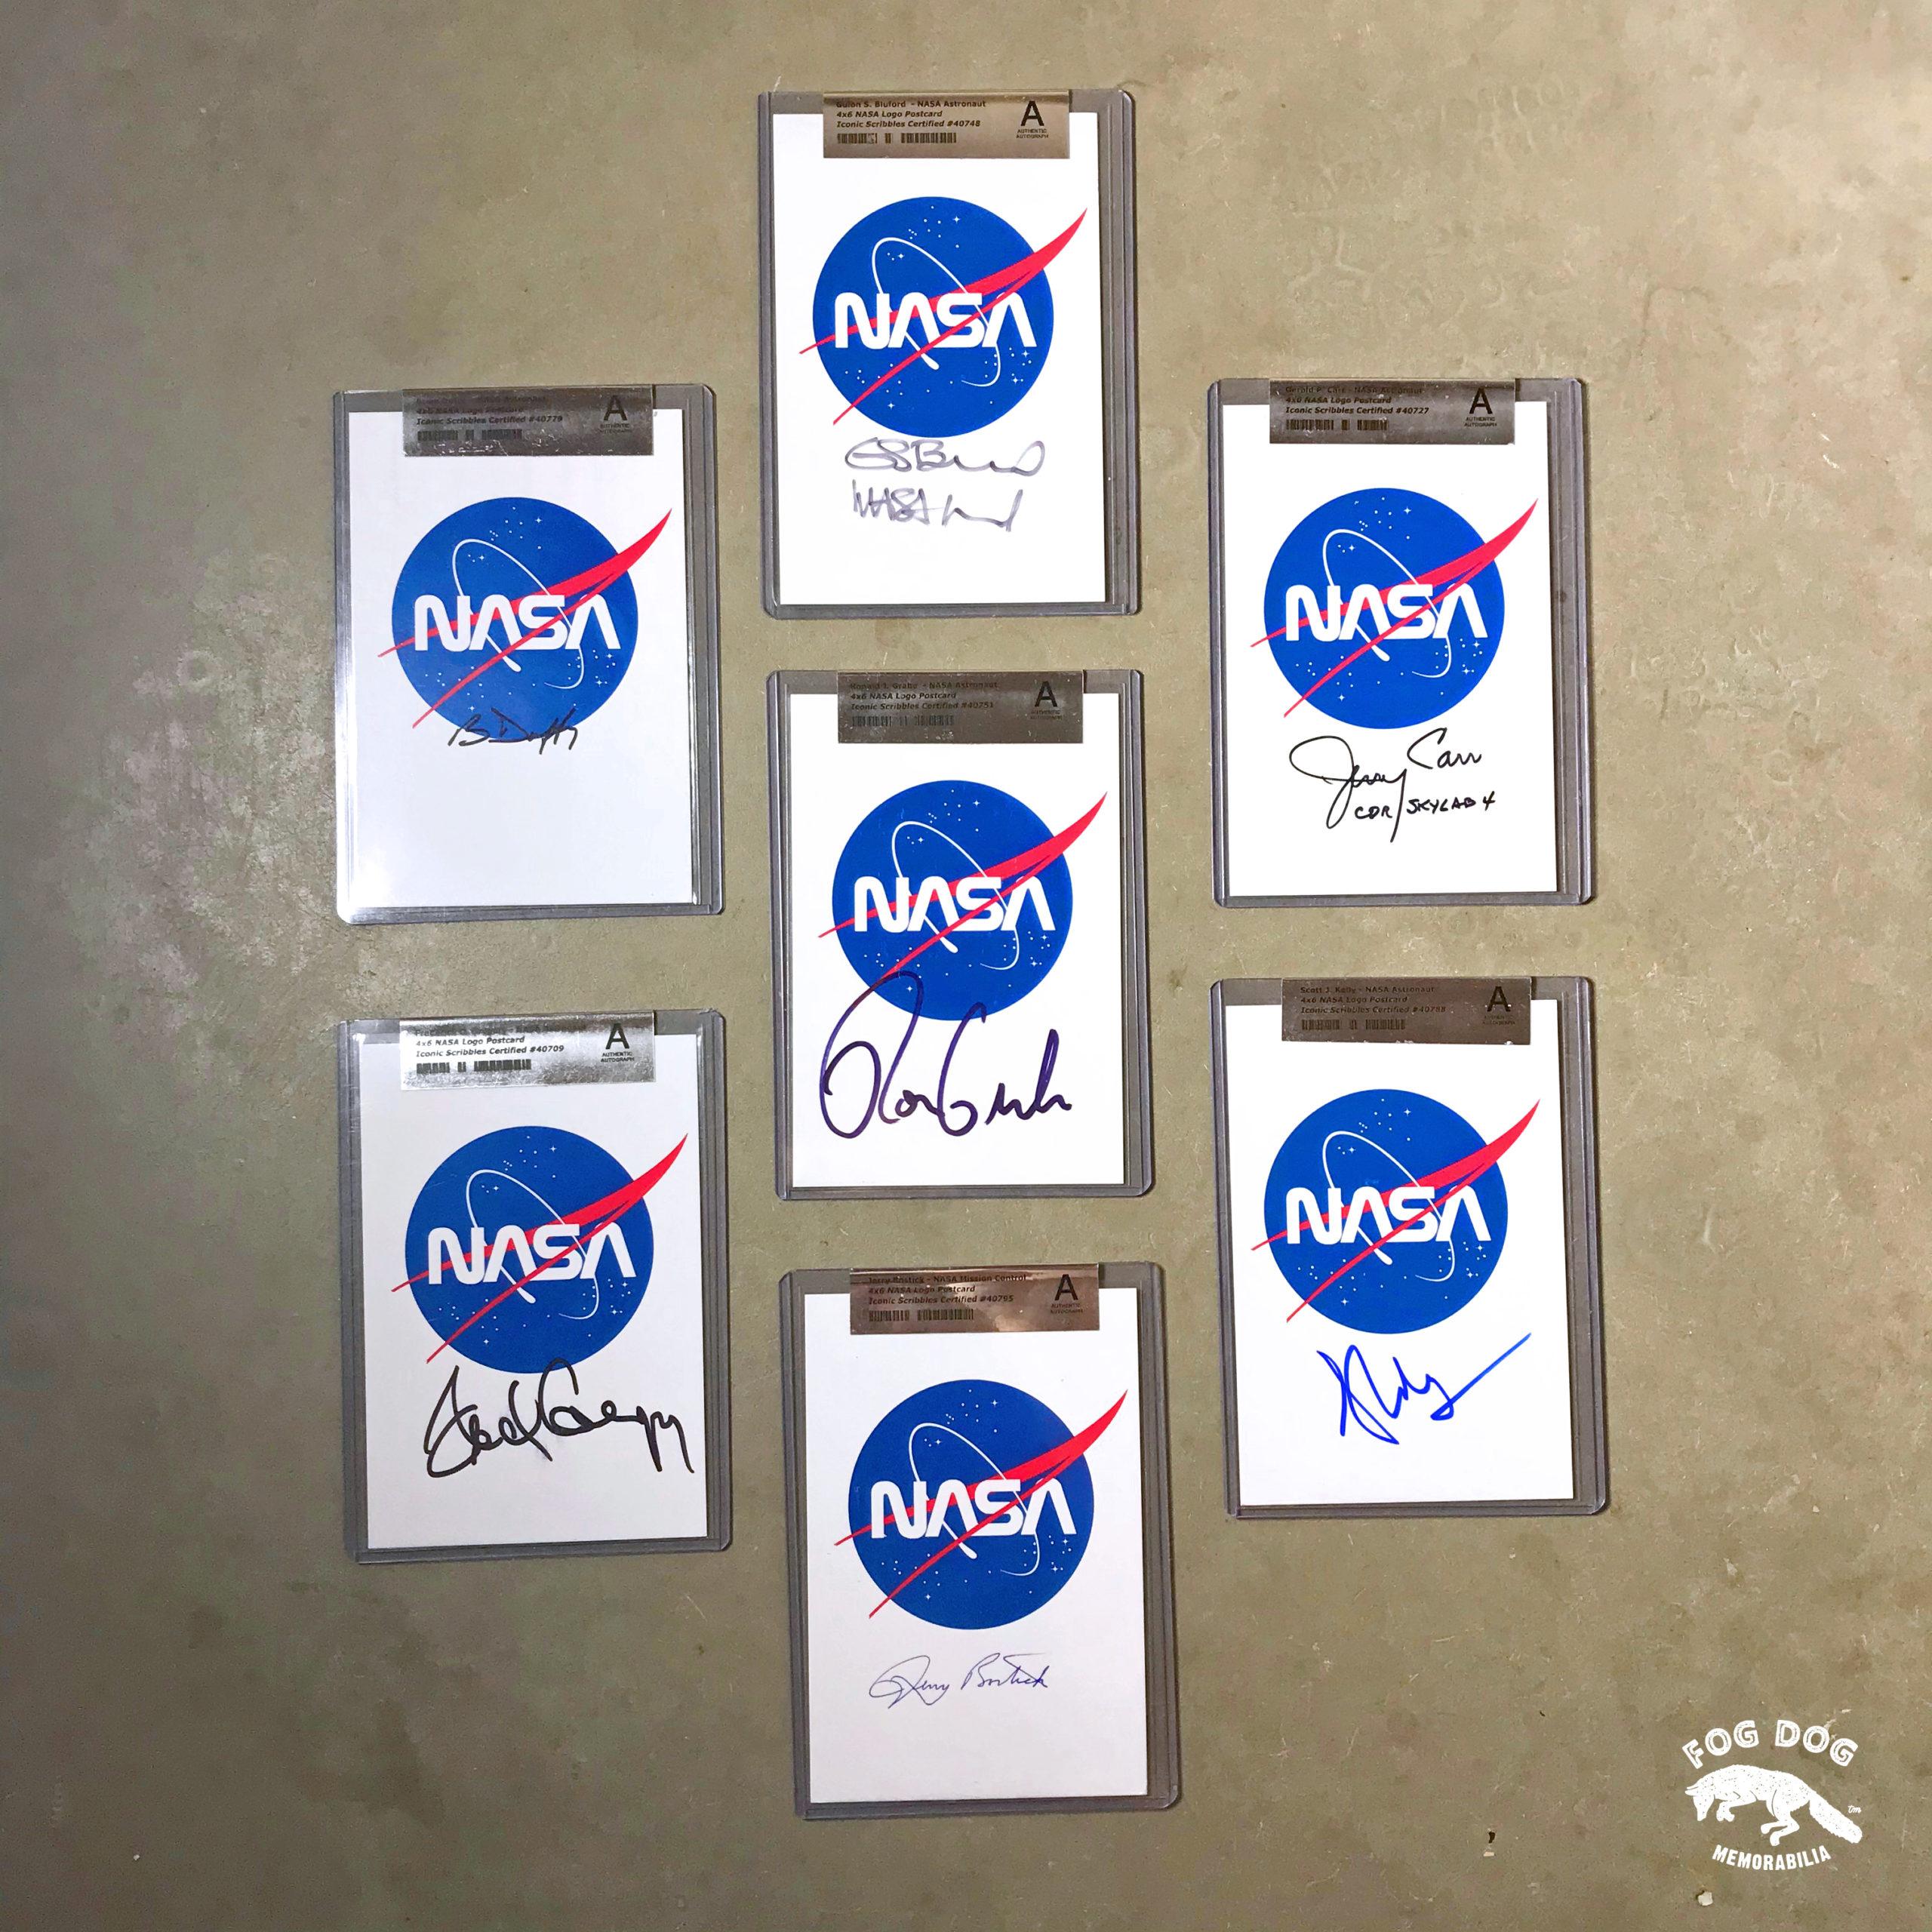 Soubor 7 autogramů NASA austronautů, certifikováno